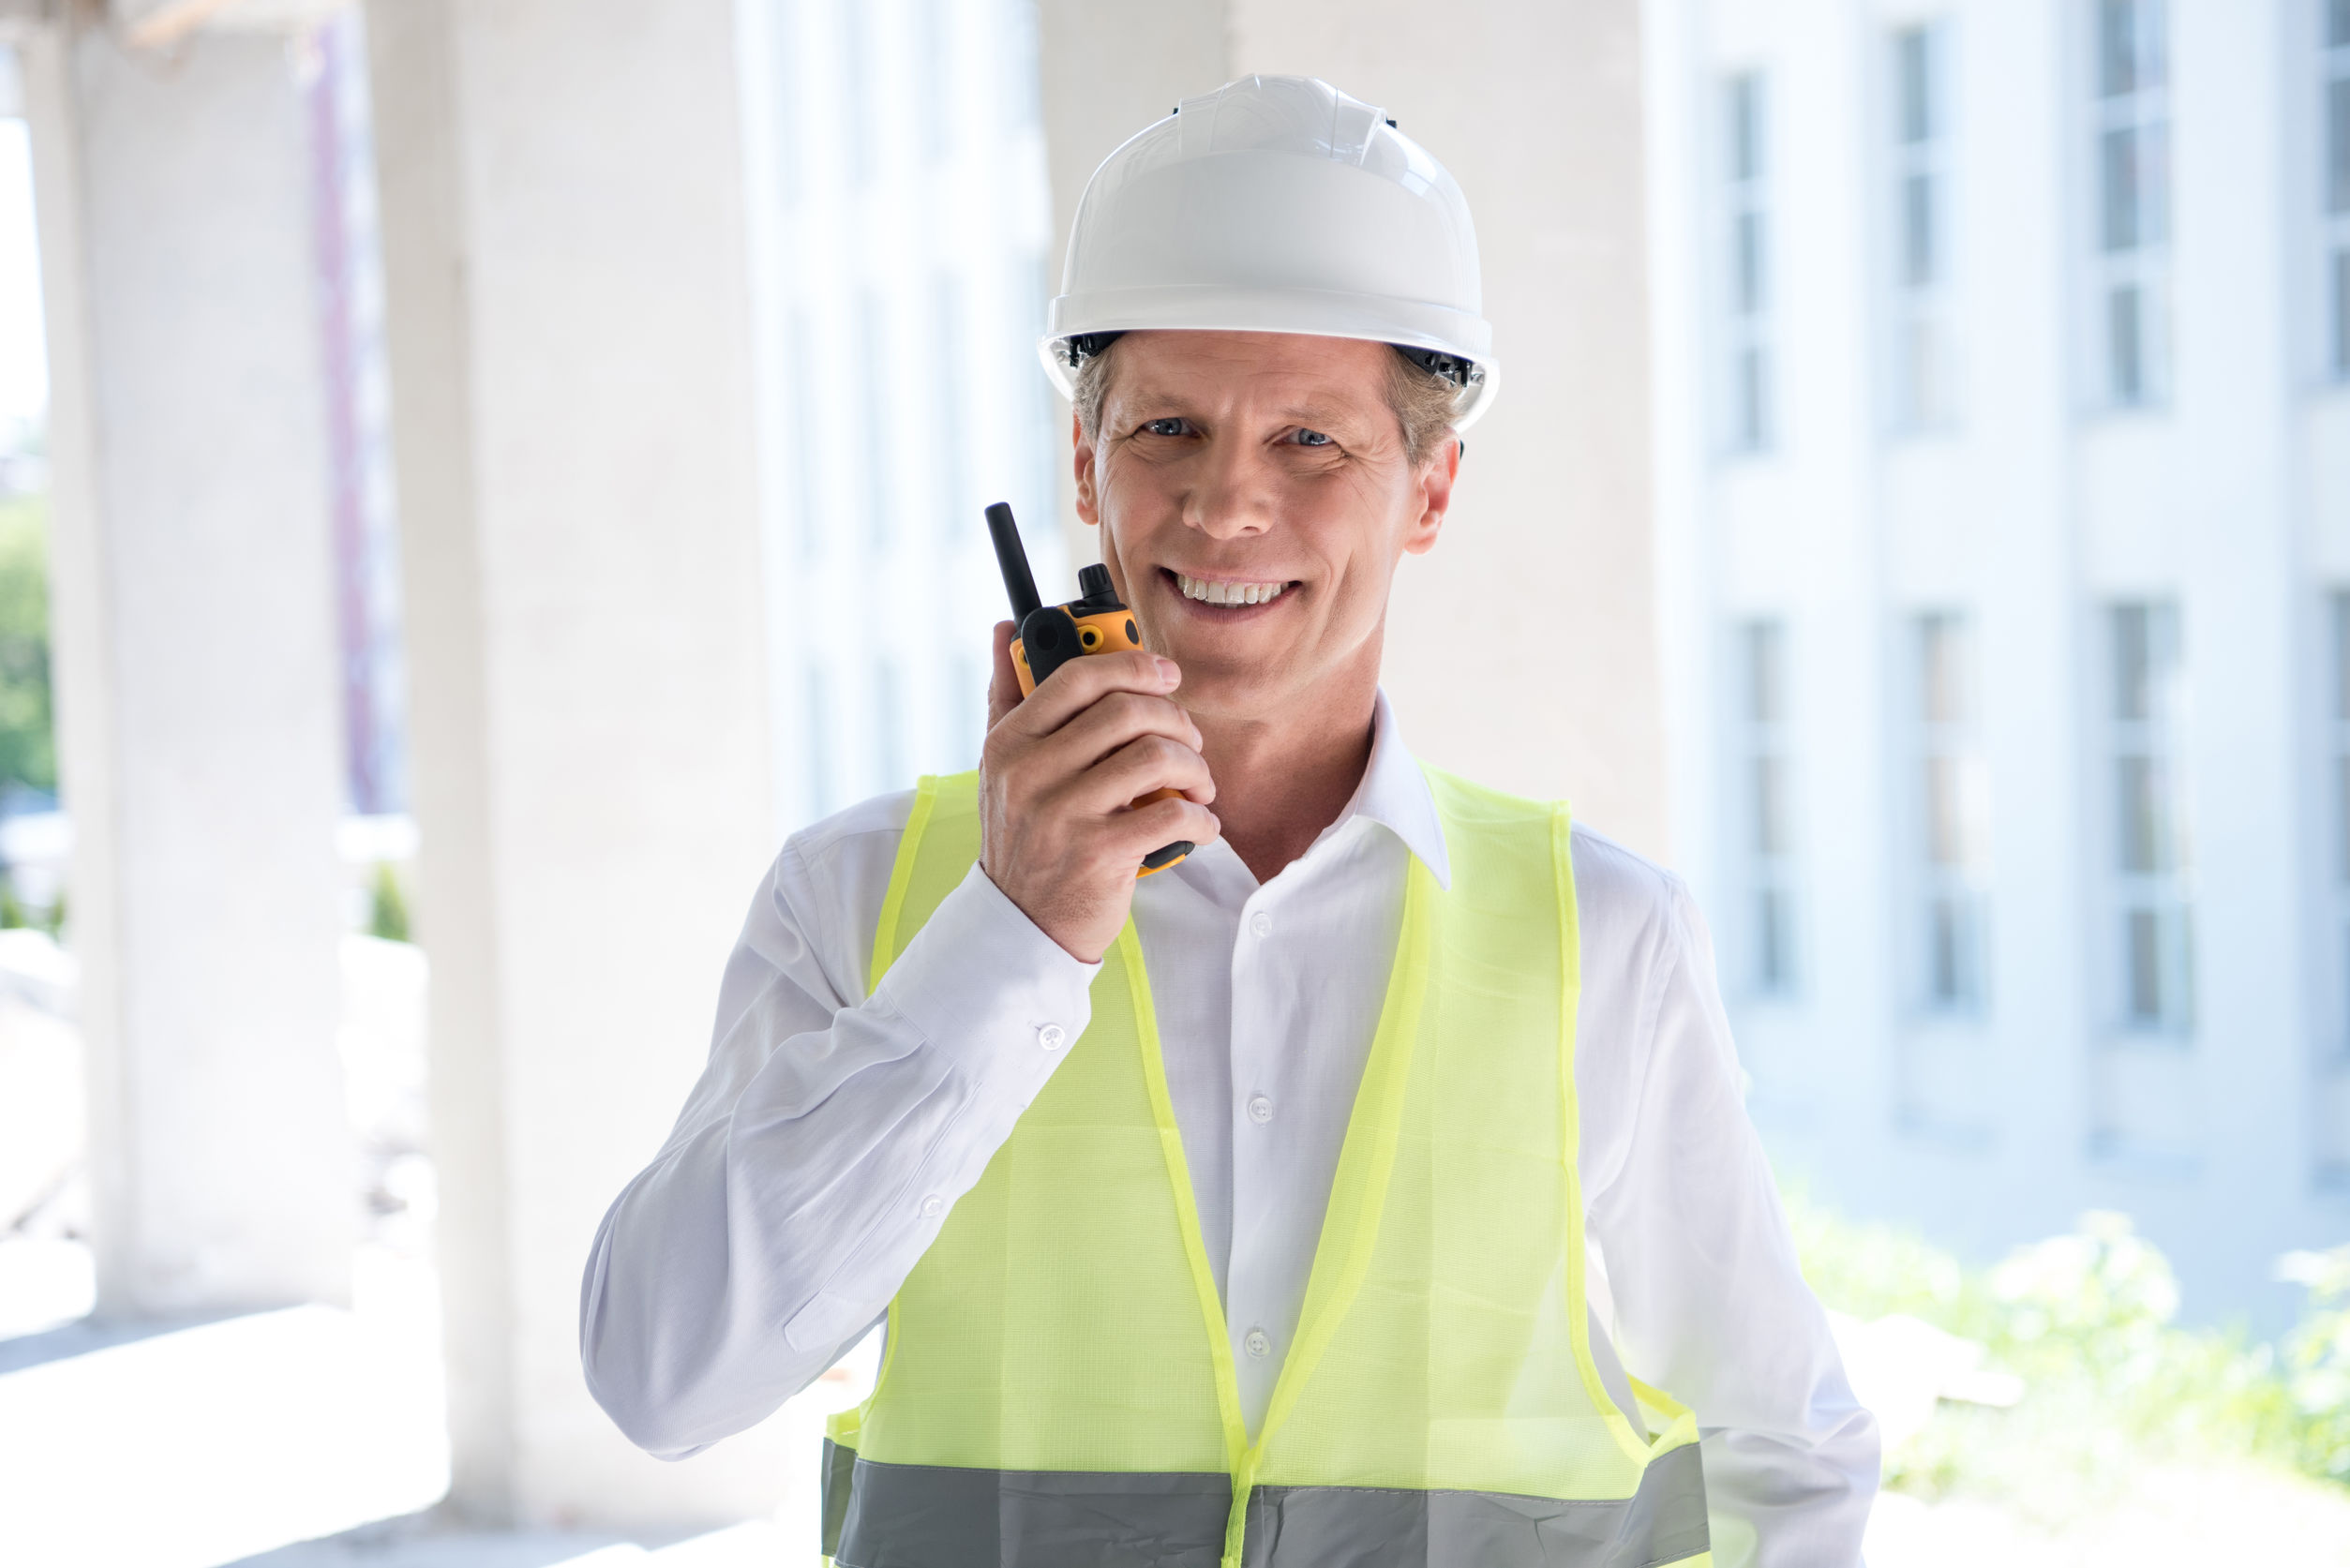 Baustellenhandy: Test & Empfehlungen (09/20)